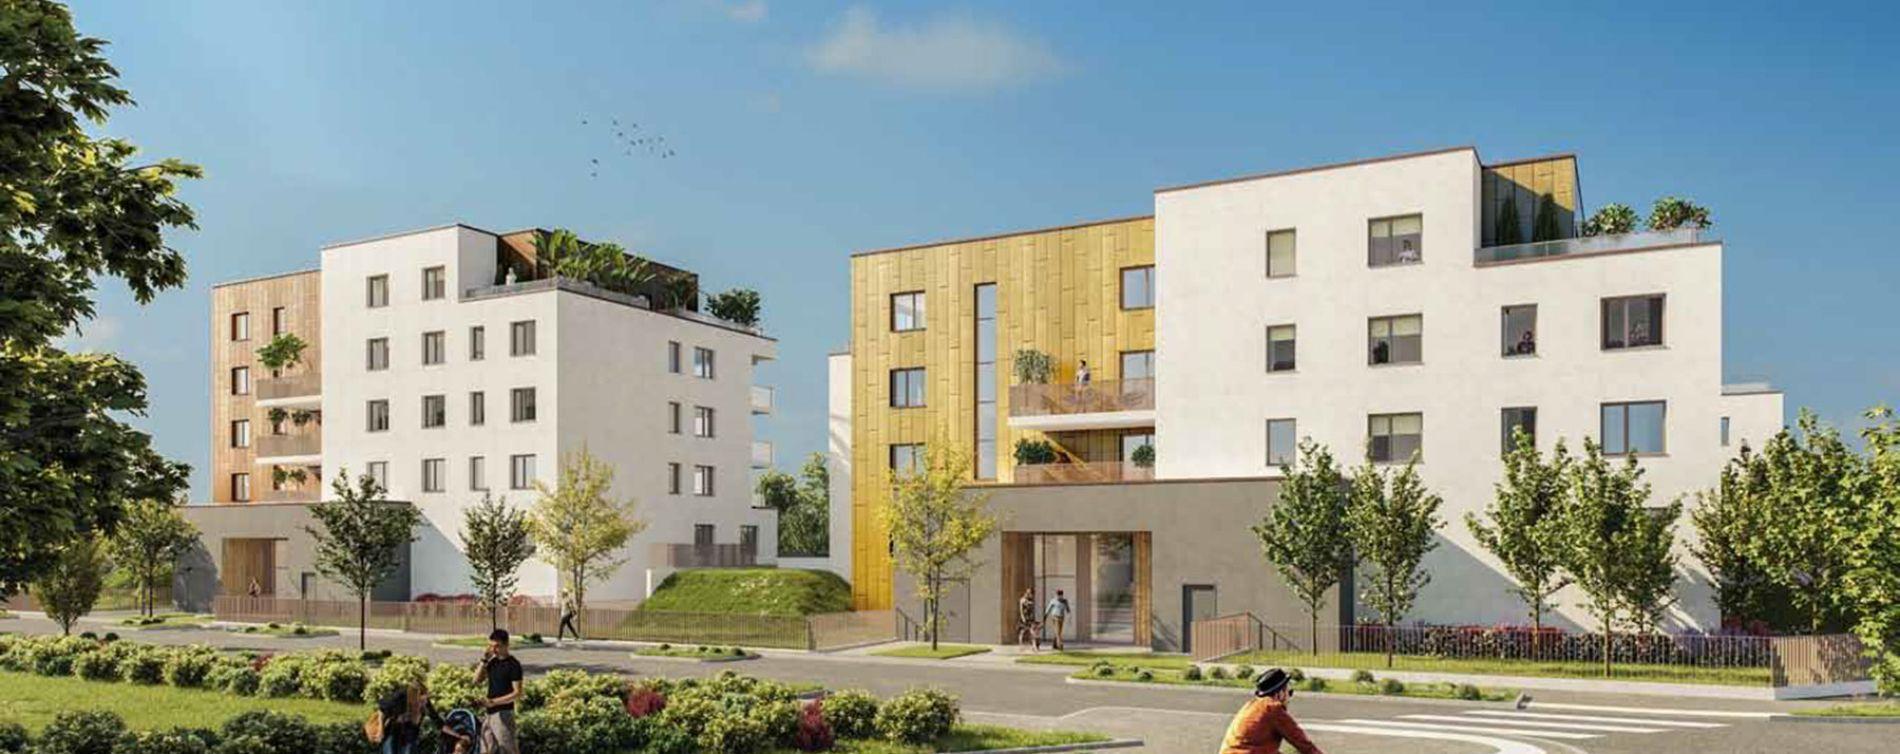 Résidence Green Square à Lingolsheim